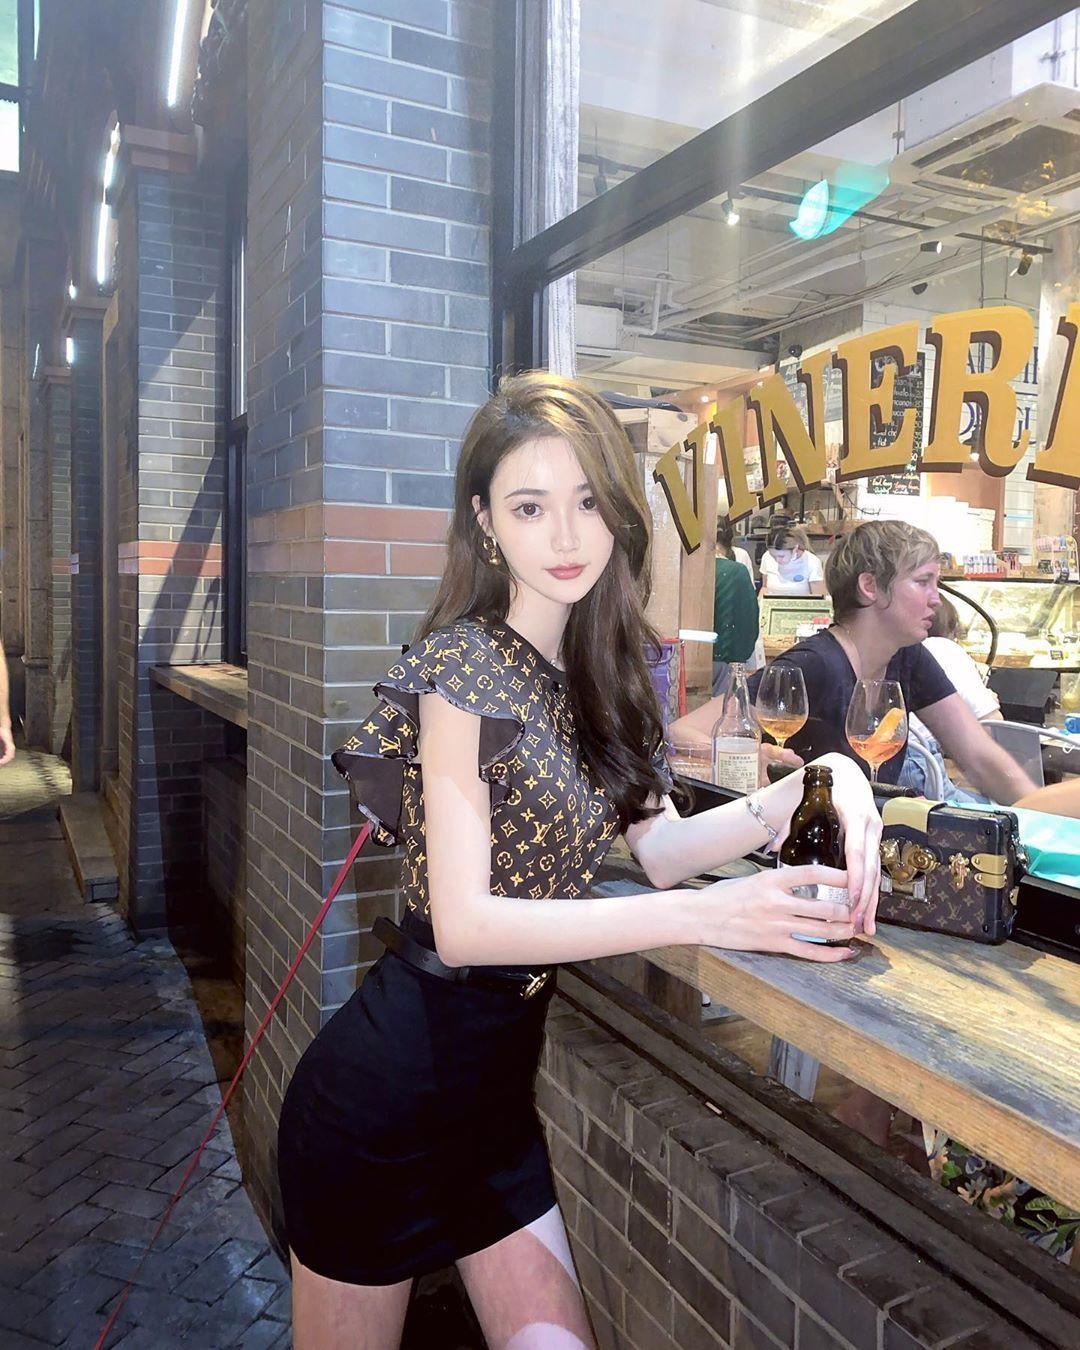 上海姑娘「Sara Cui」动人颜值超气质,「高挑嫩体」狂闪强大女神光!-新图包